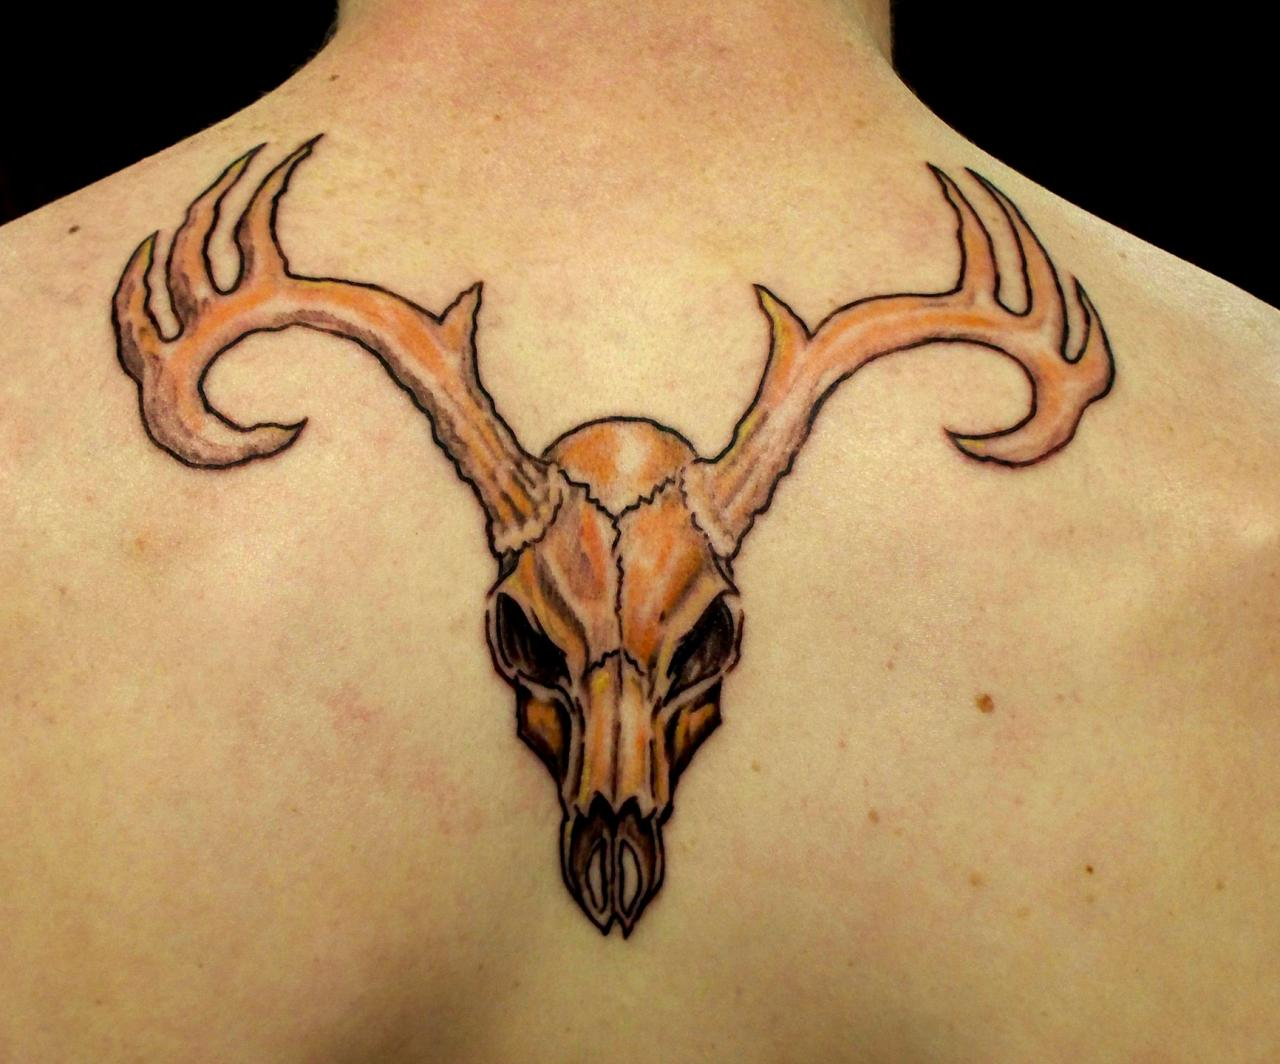 Deer-Antler-Skull-Tattoo-On-Upper-Back.j